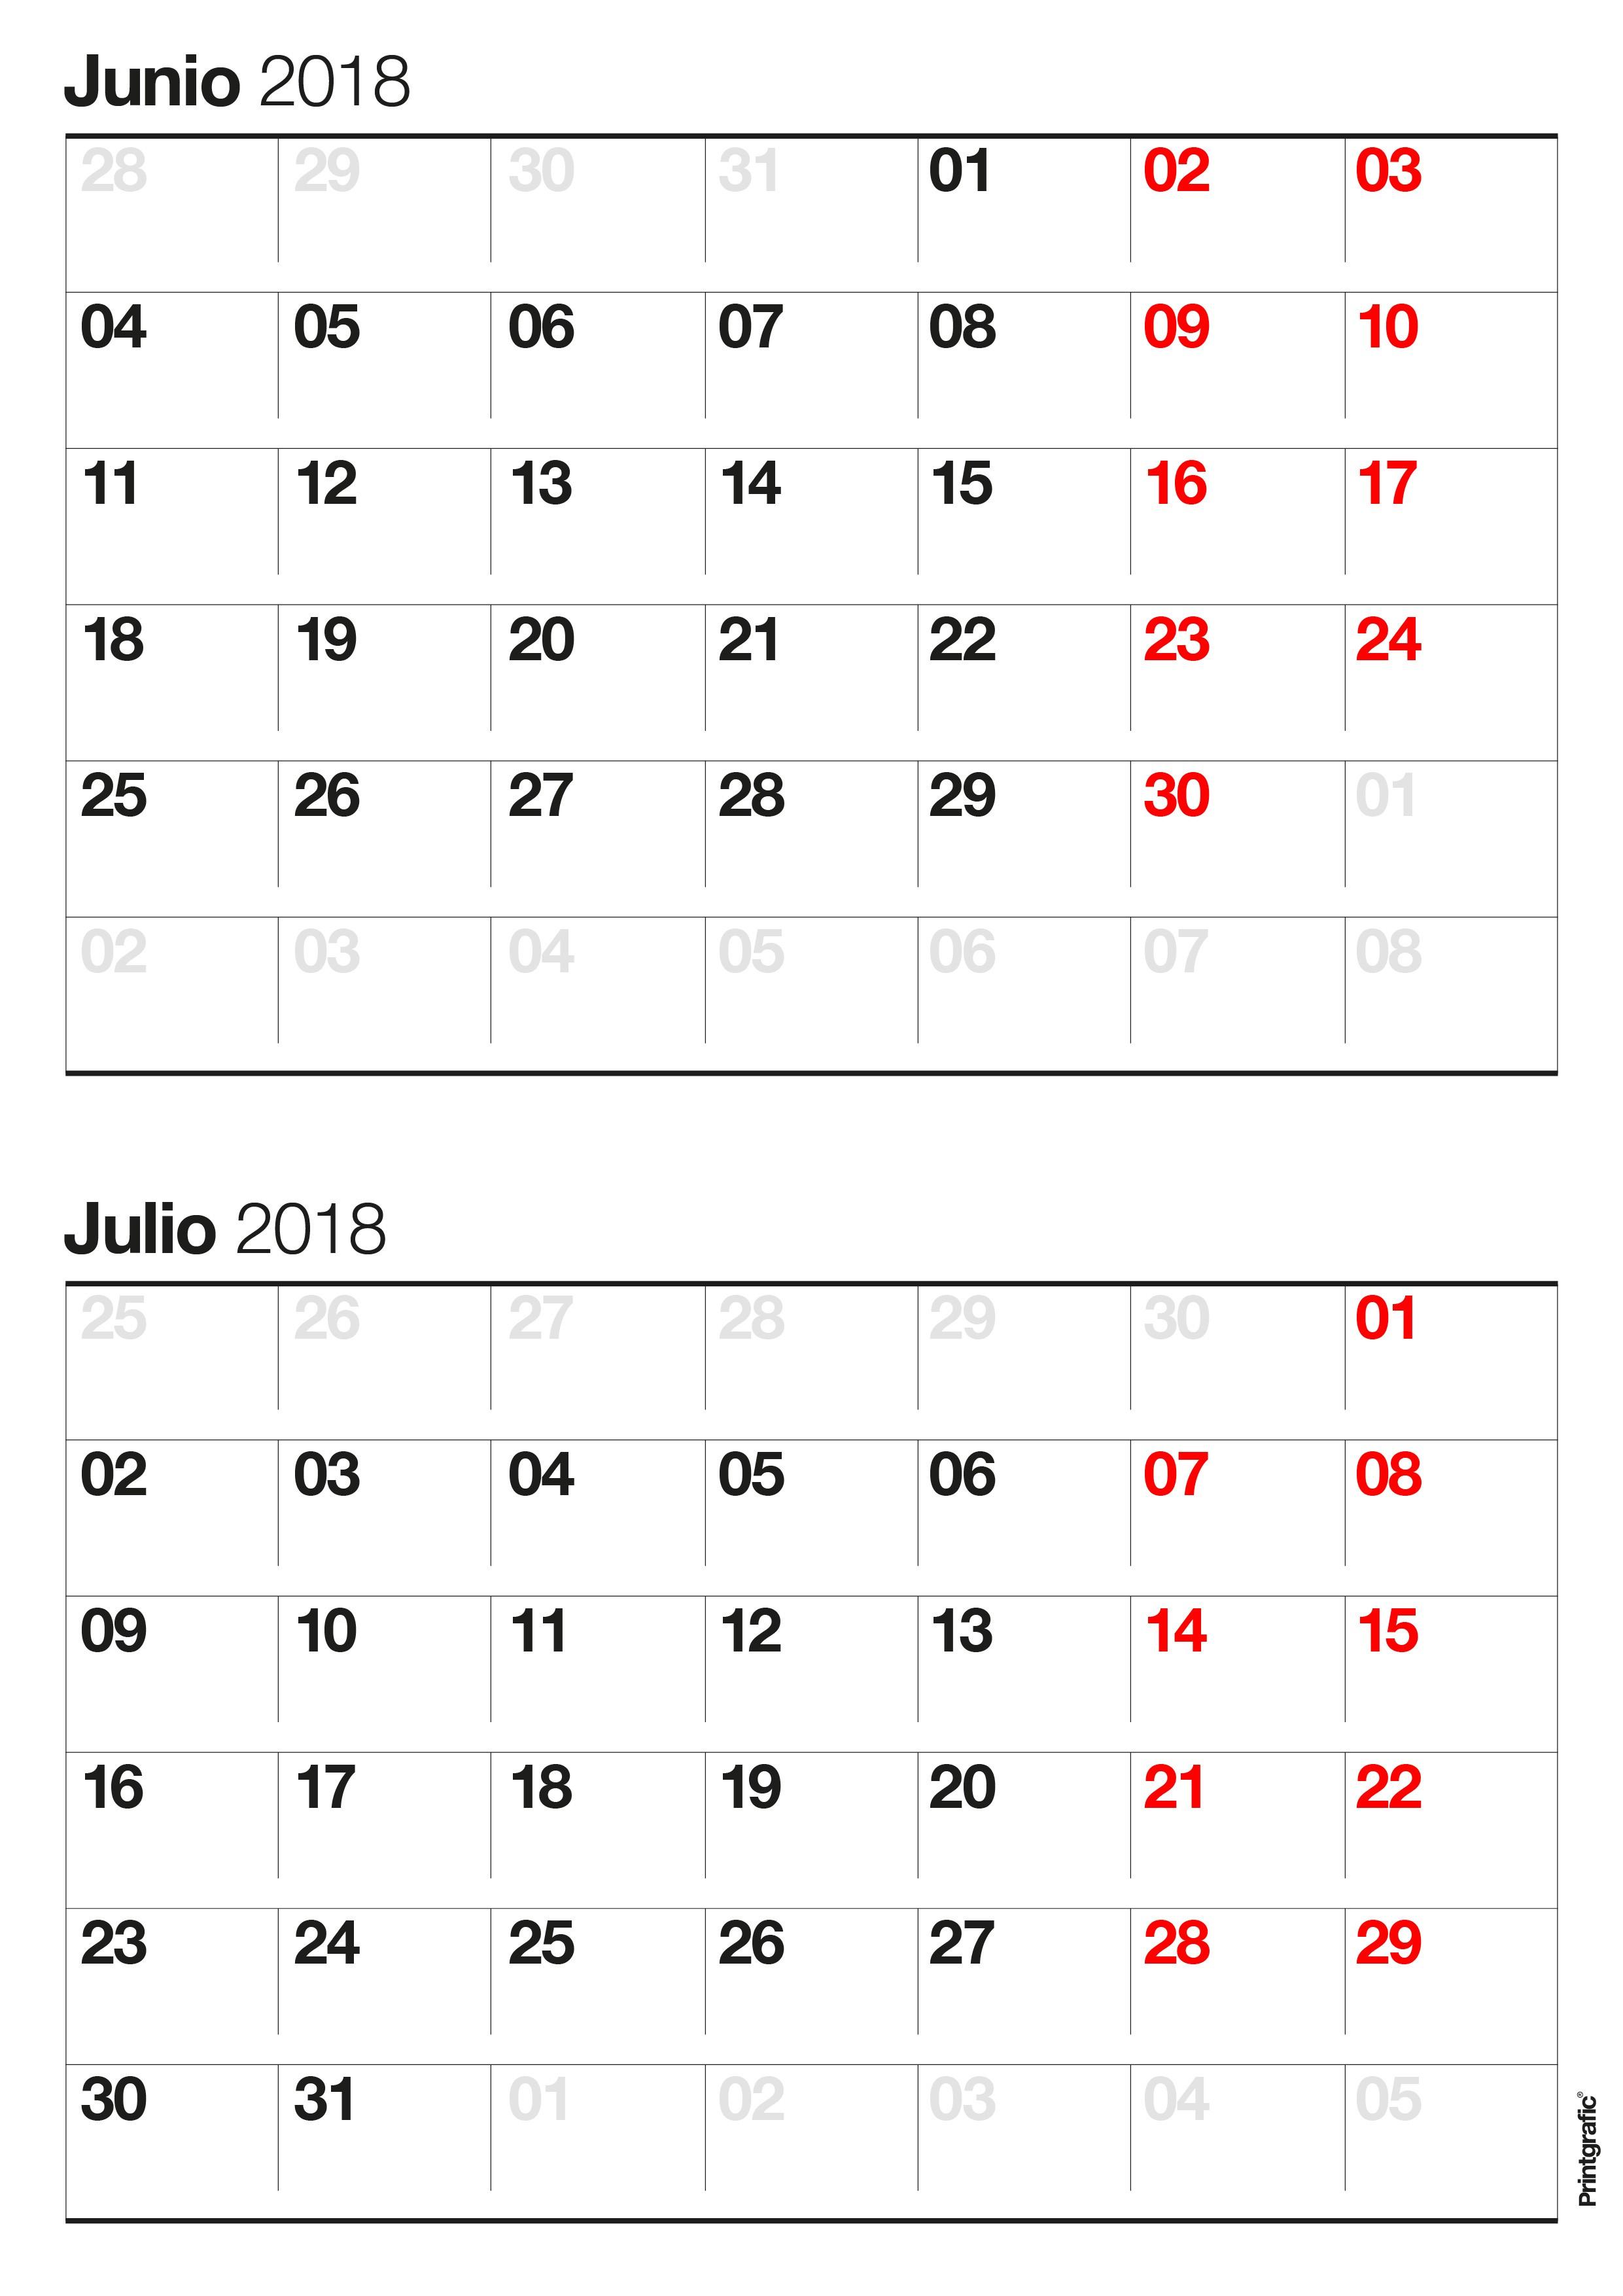 Calendario 2019 Portugues Para Imprimir Com Feriados Más Recientemente Liberado Calendario Noviembre 2018 64ld Calendario T Of Calendario 2019 Portugues Para Imprimir Com Feriados Mejores Y Más Novedosos Abril 2019 Con Festivos Word Calendario T